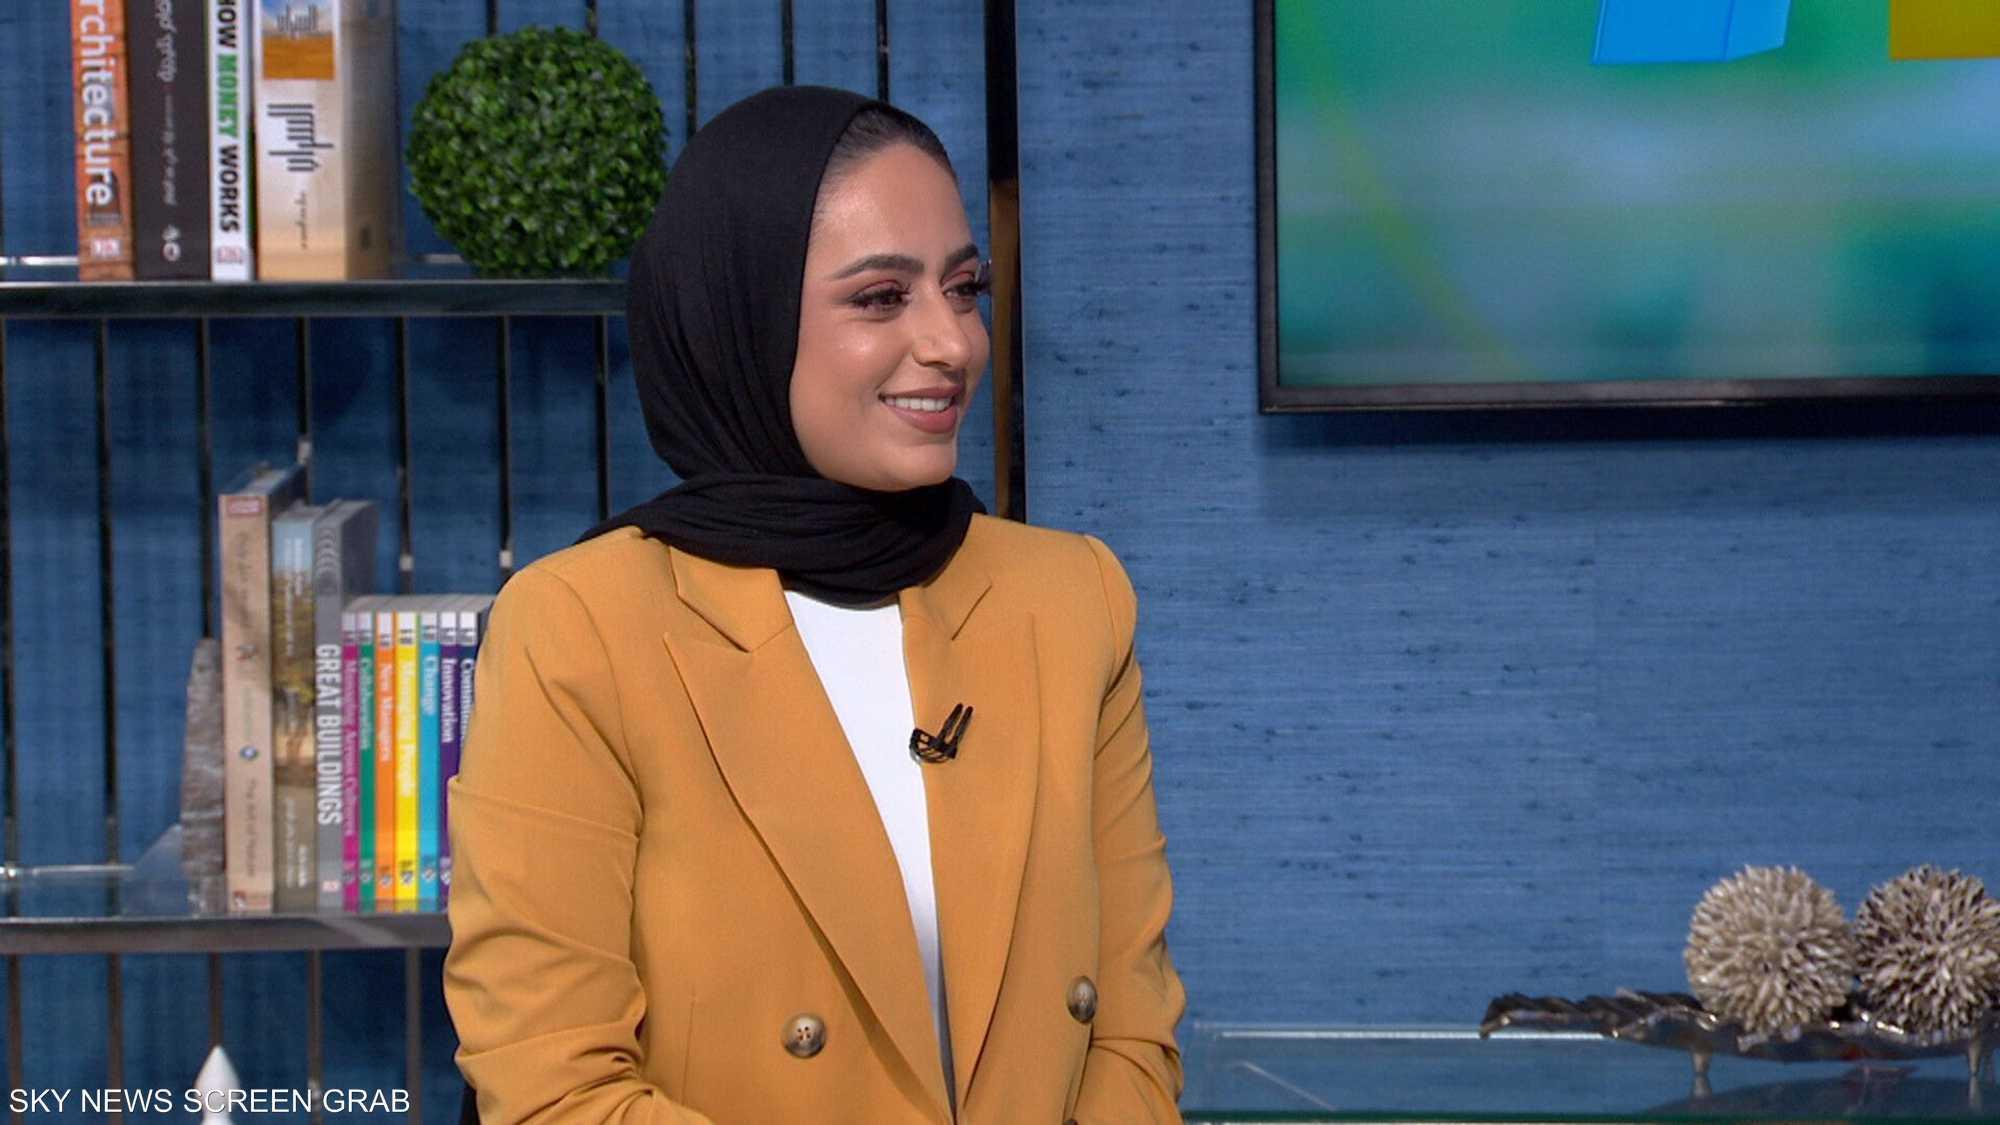 المدونة دينا الشريف تناقش أفكار التجميل مع 250 ألف متابع